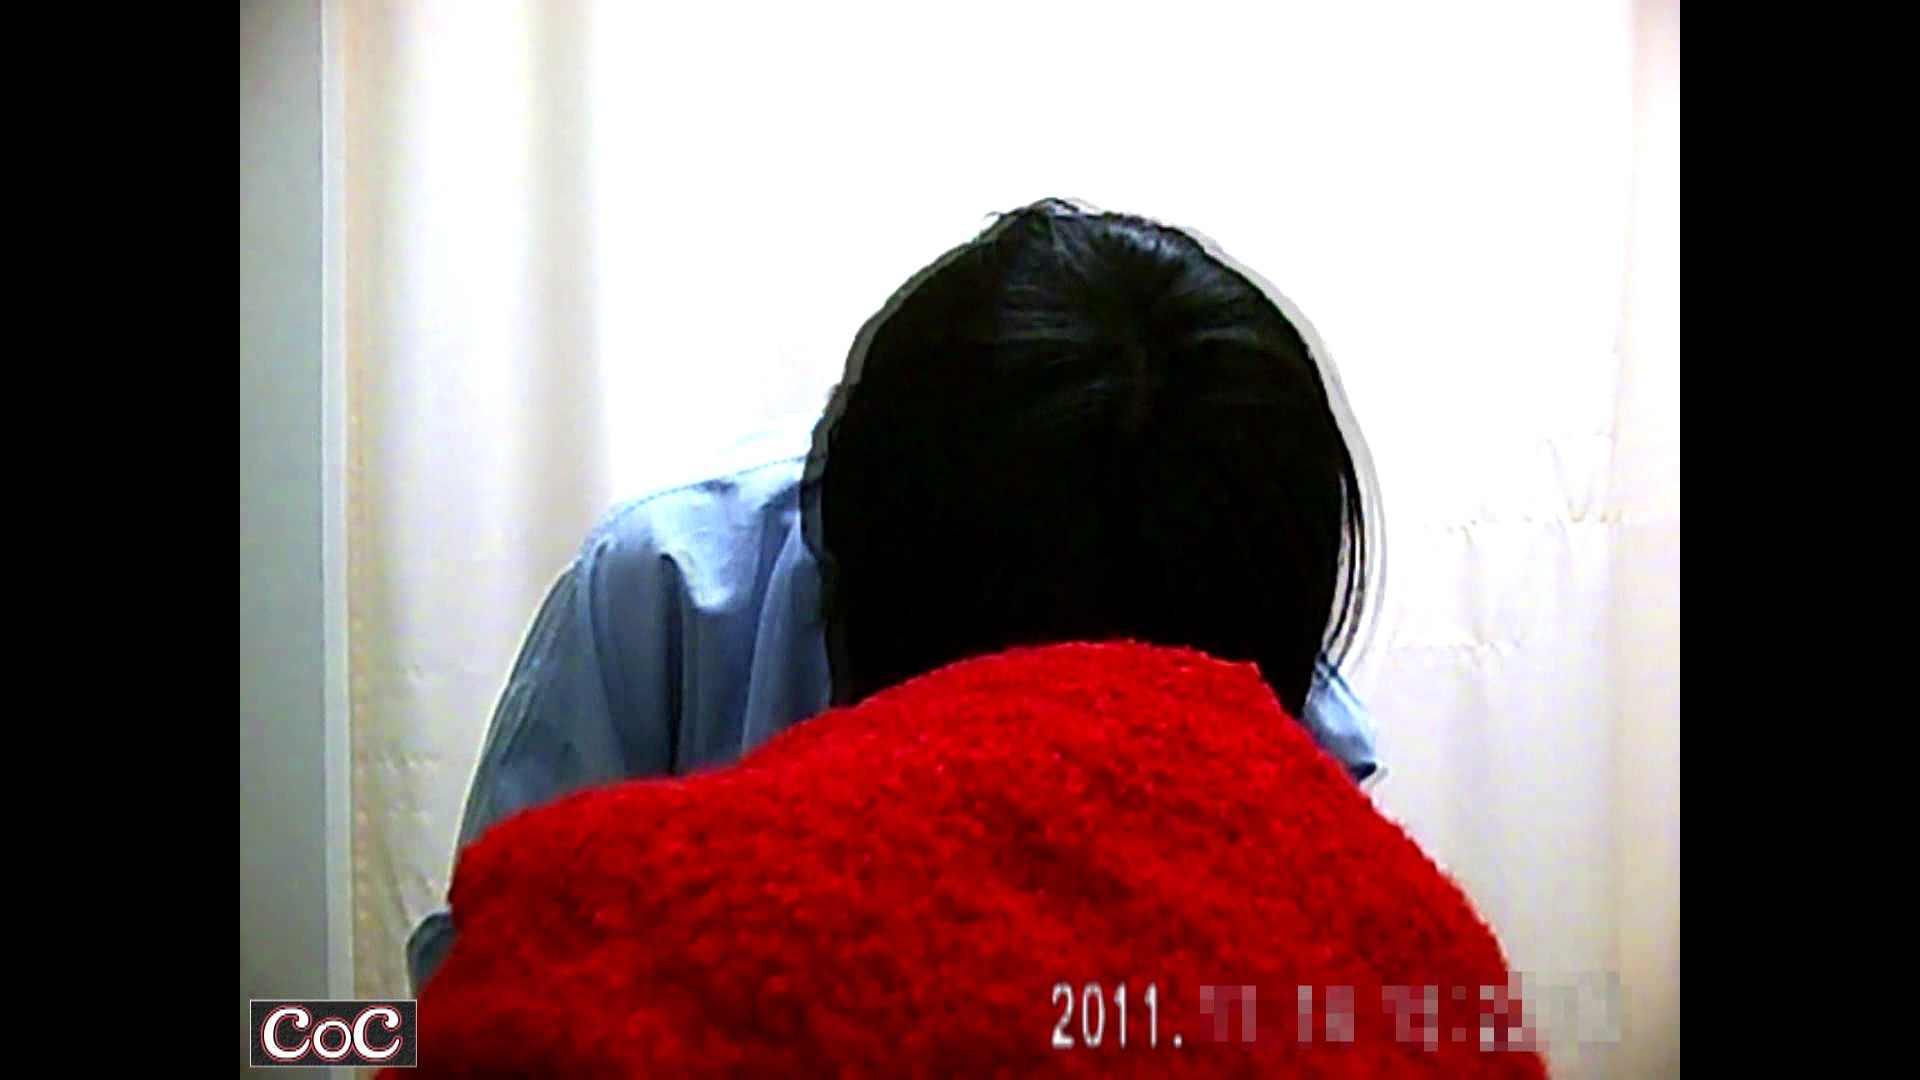 セックスアダルト動画|元医者による反抗 更衣室地獄絵巻 vol.206|怪盗ジョーカー